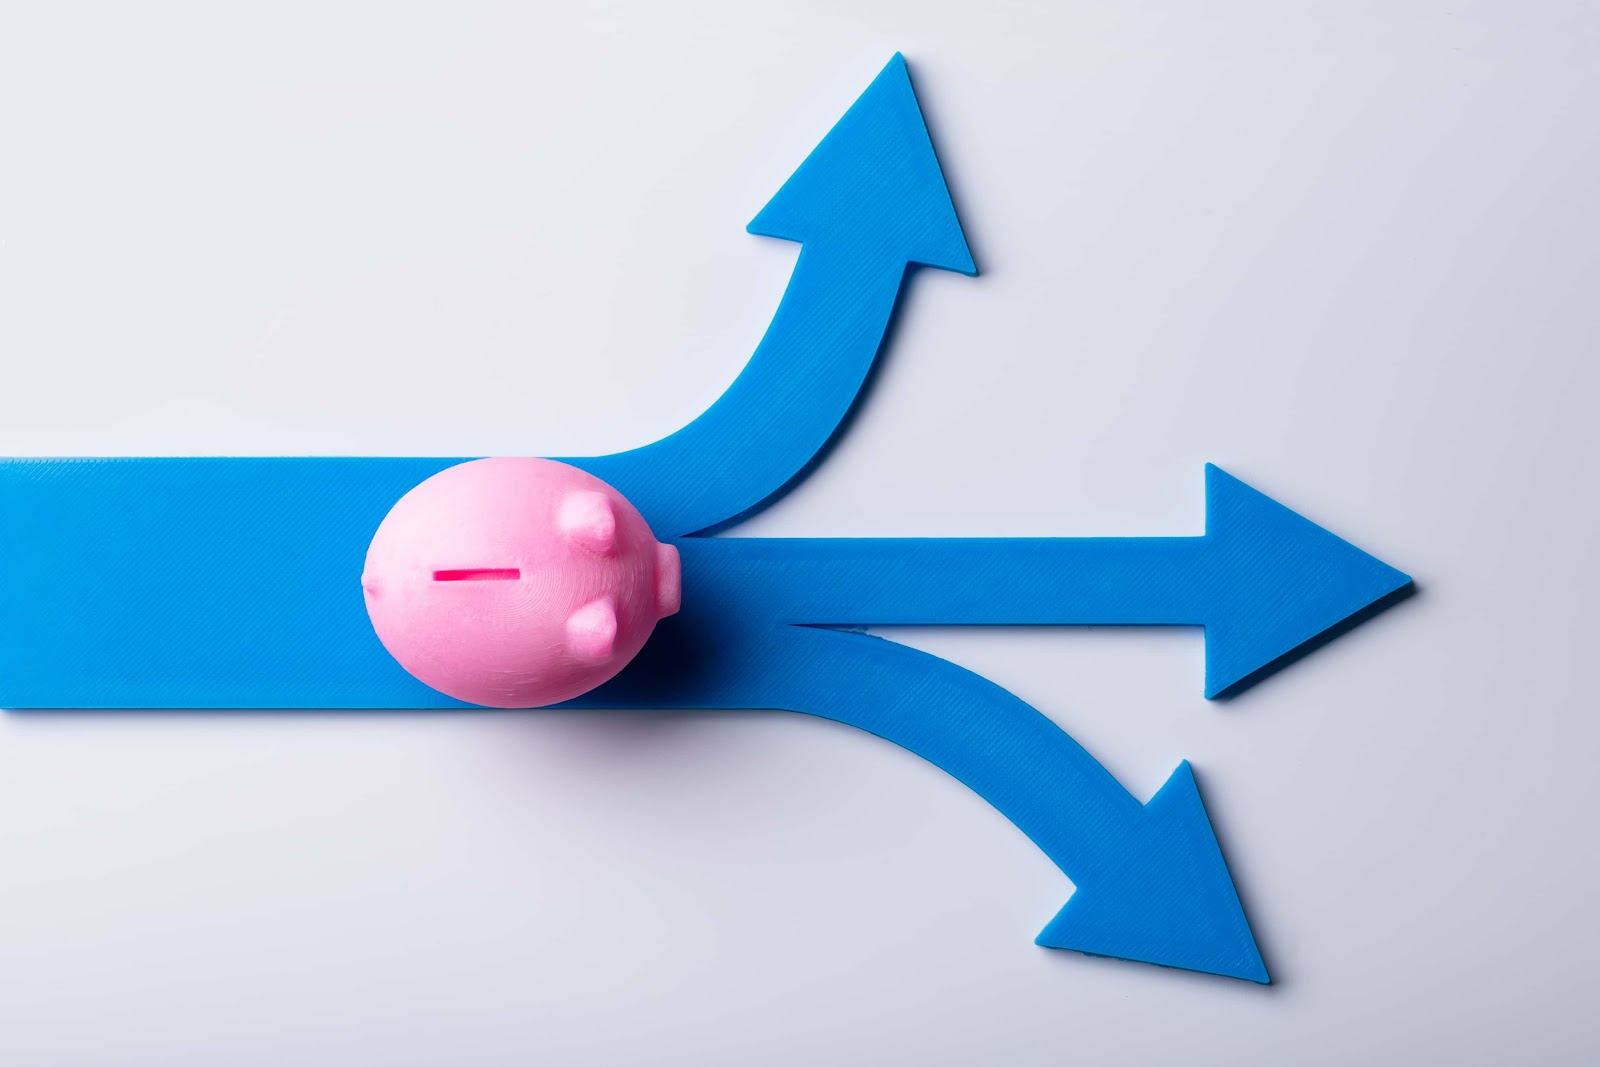 Микрозаймы на карту – шанс исправить финансовое положение